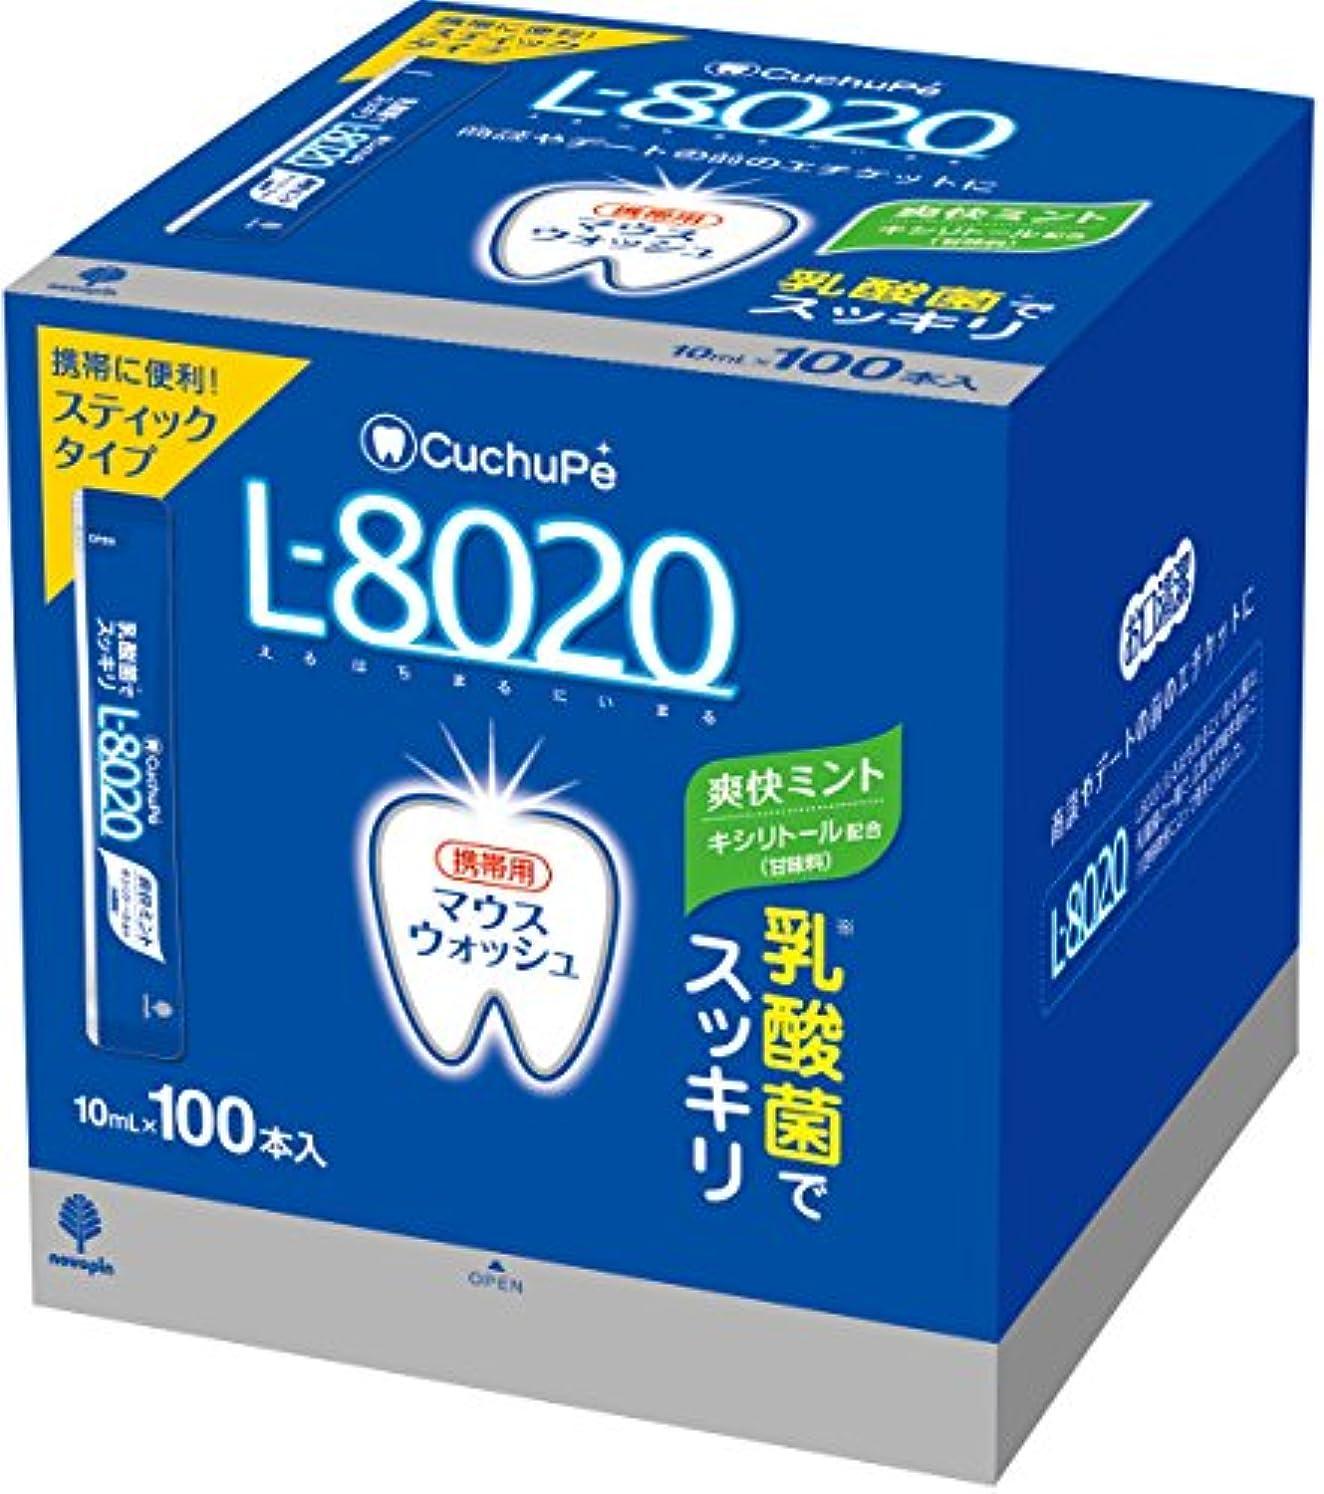 幻影テープレースクチュッペ L-8020 マウスウォッシュ 爽快ミント スティックタイプ 100本入